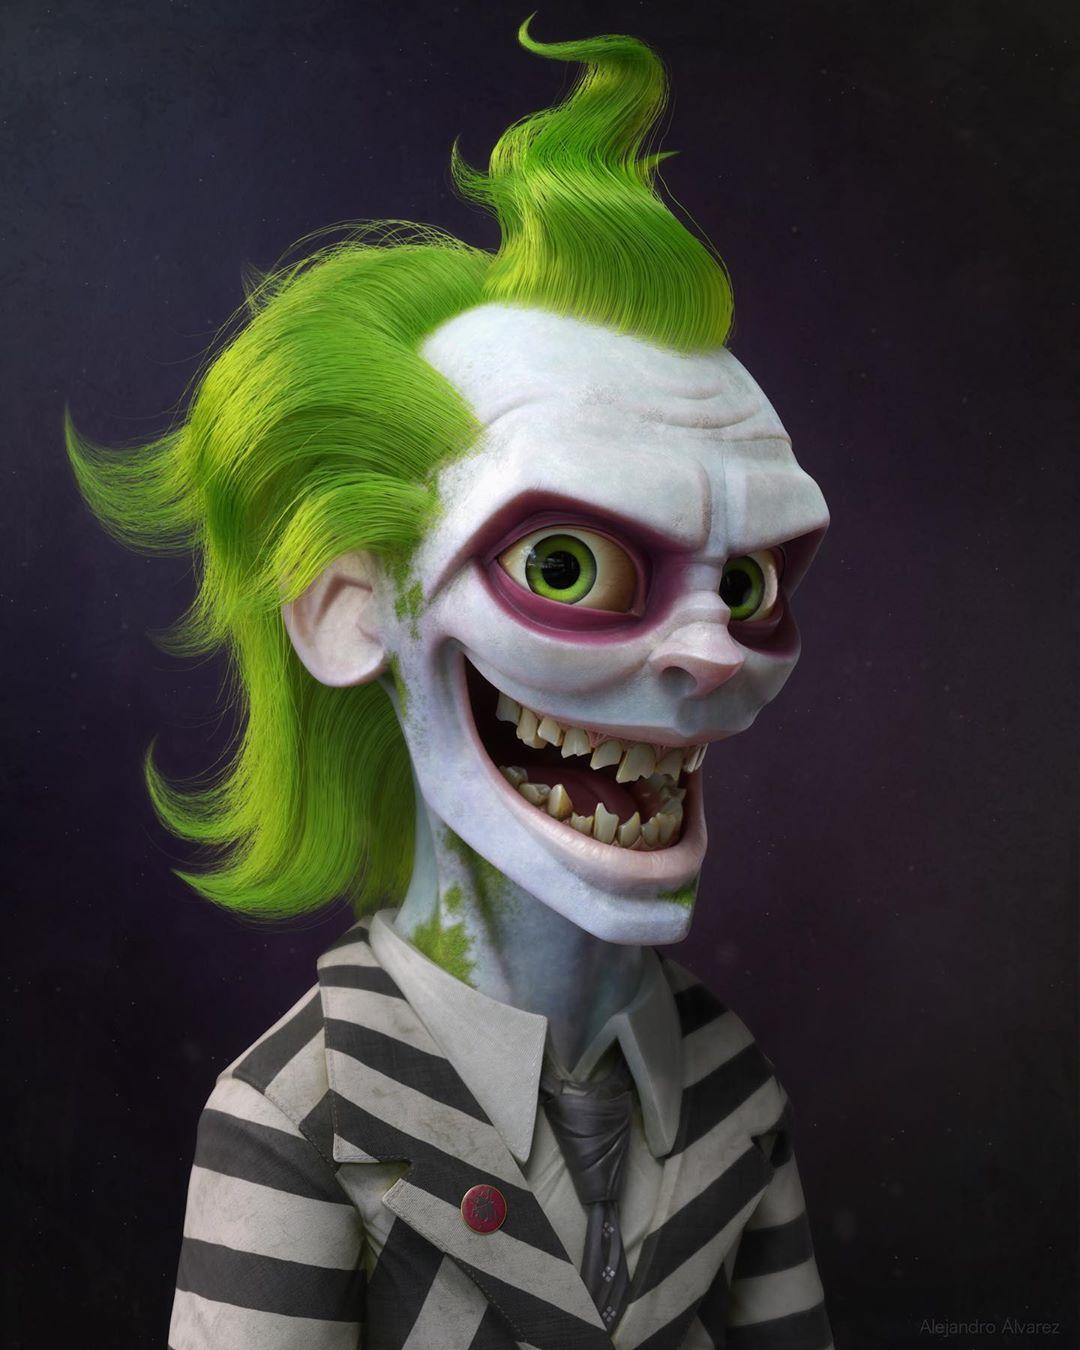 3d model designs green clown